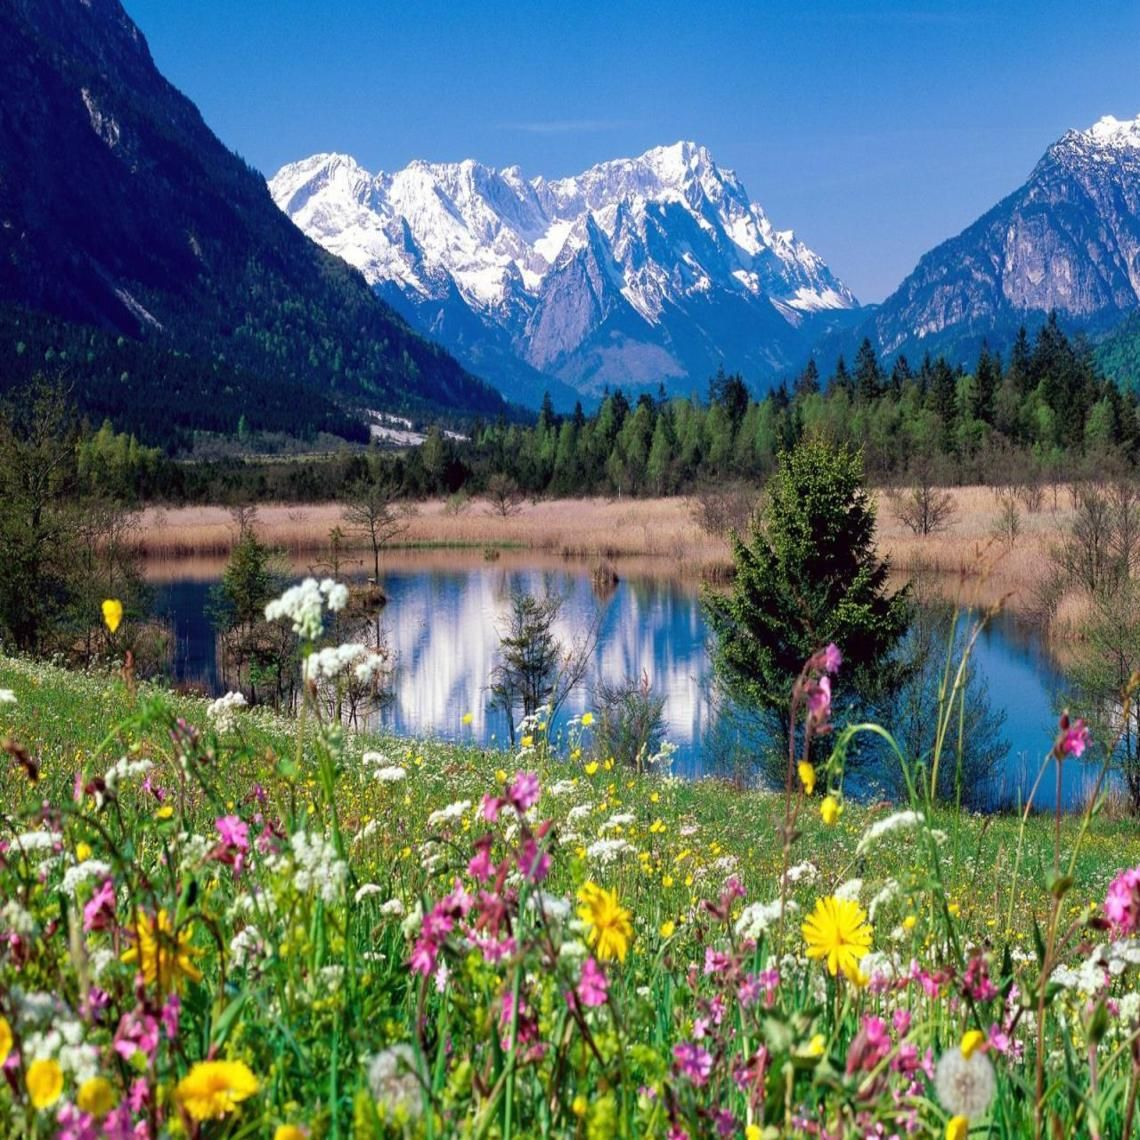 Loisach River